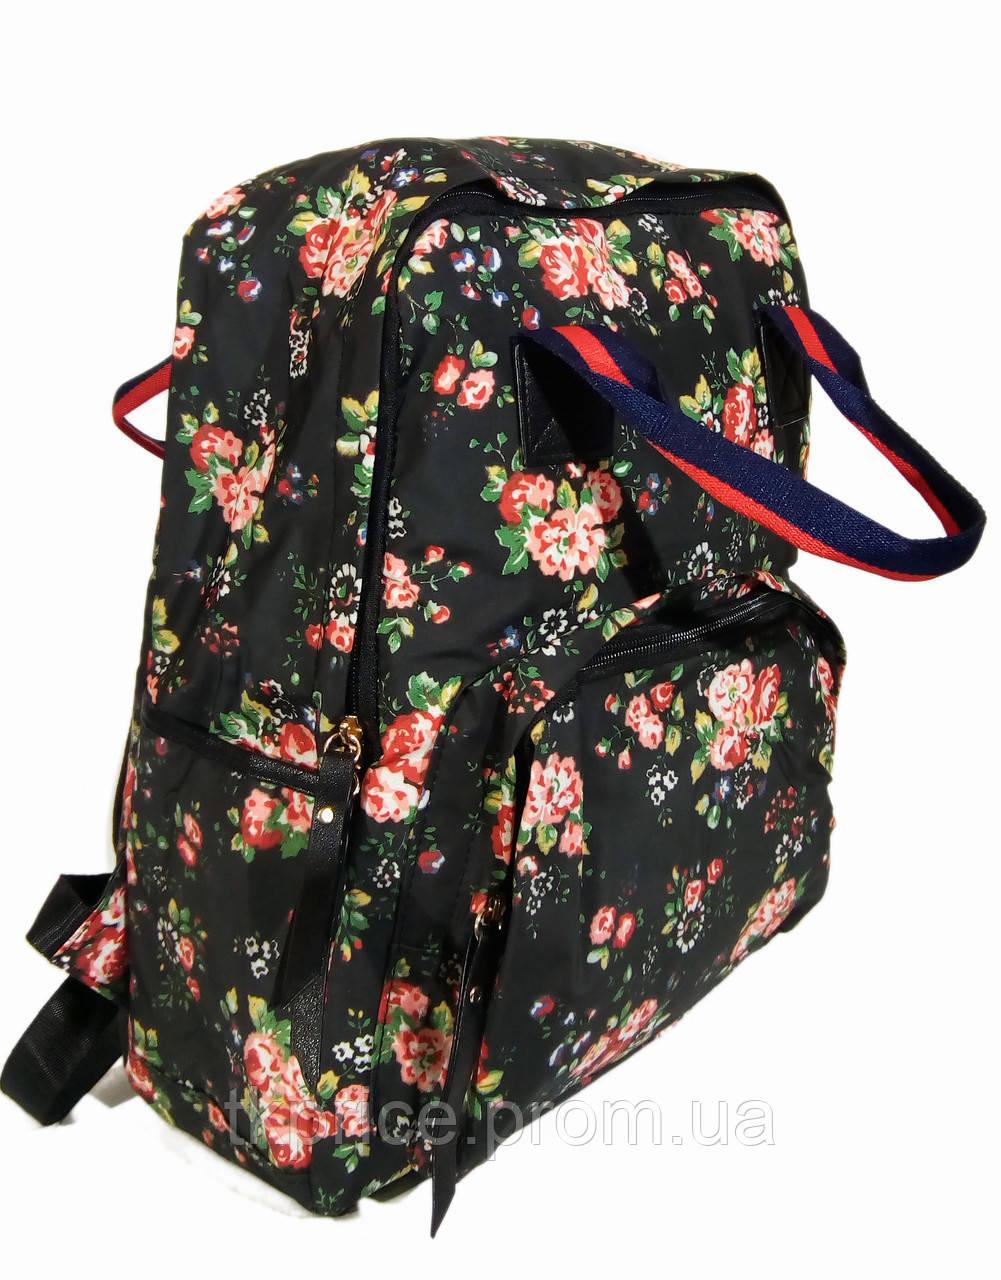 Сумка - рюкзак для школы и прогулок с цветочным принтом черный